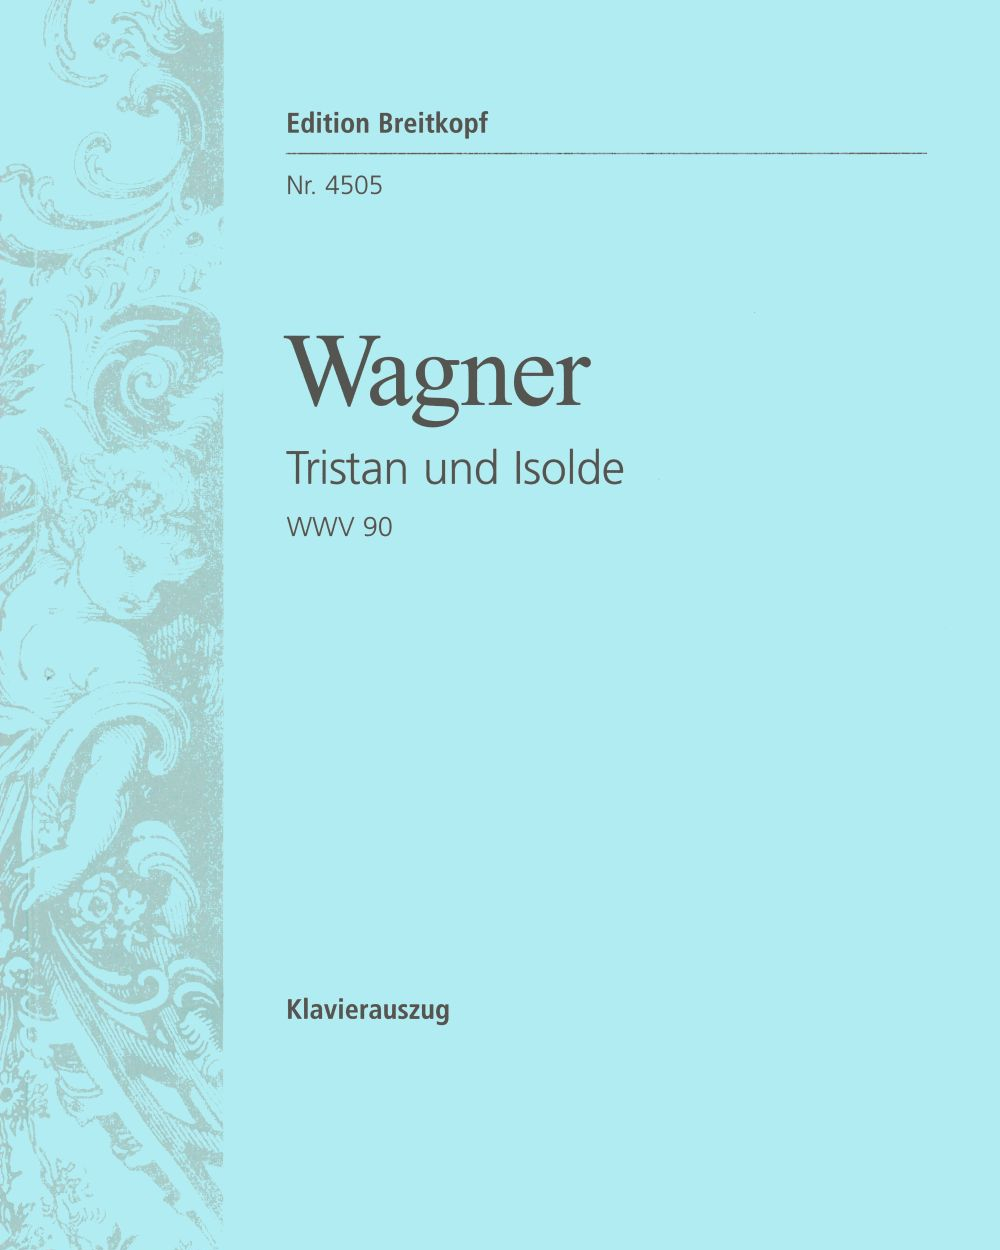 Tristan und Isolde WWV 90 - Musikdrama in 3 Aufzügen